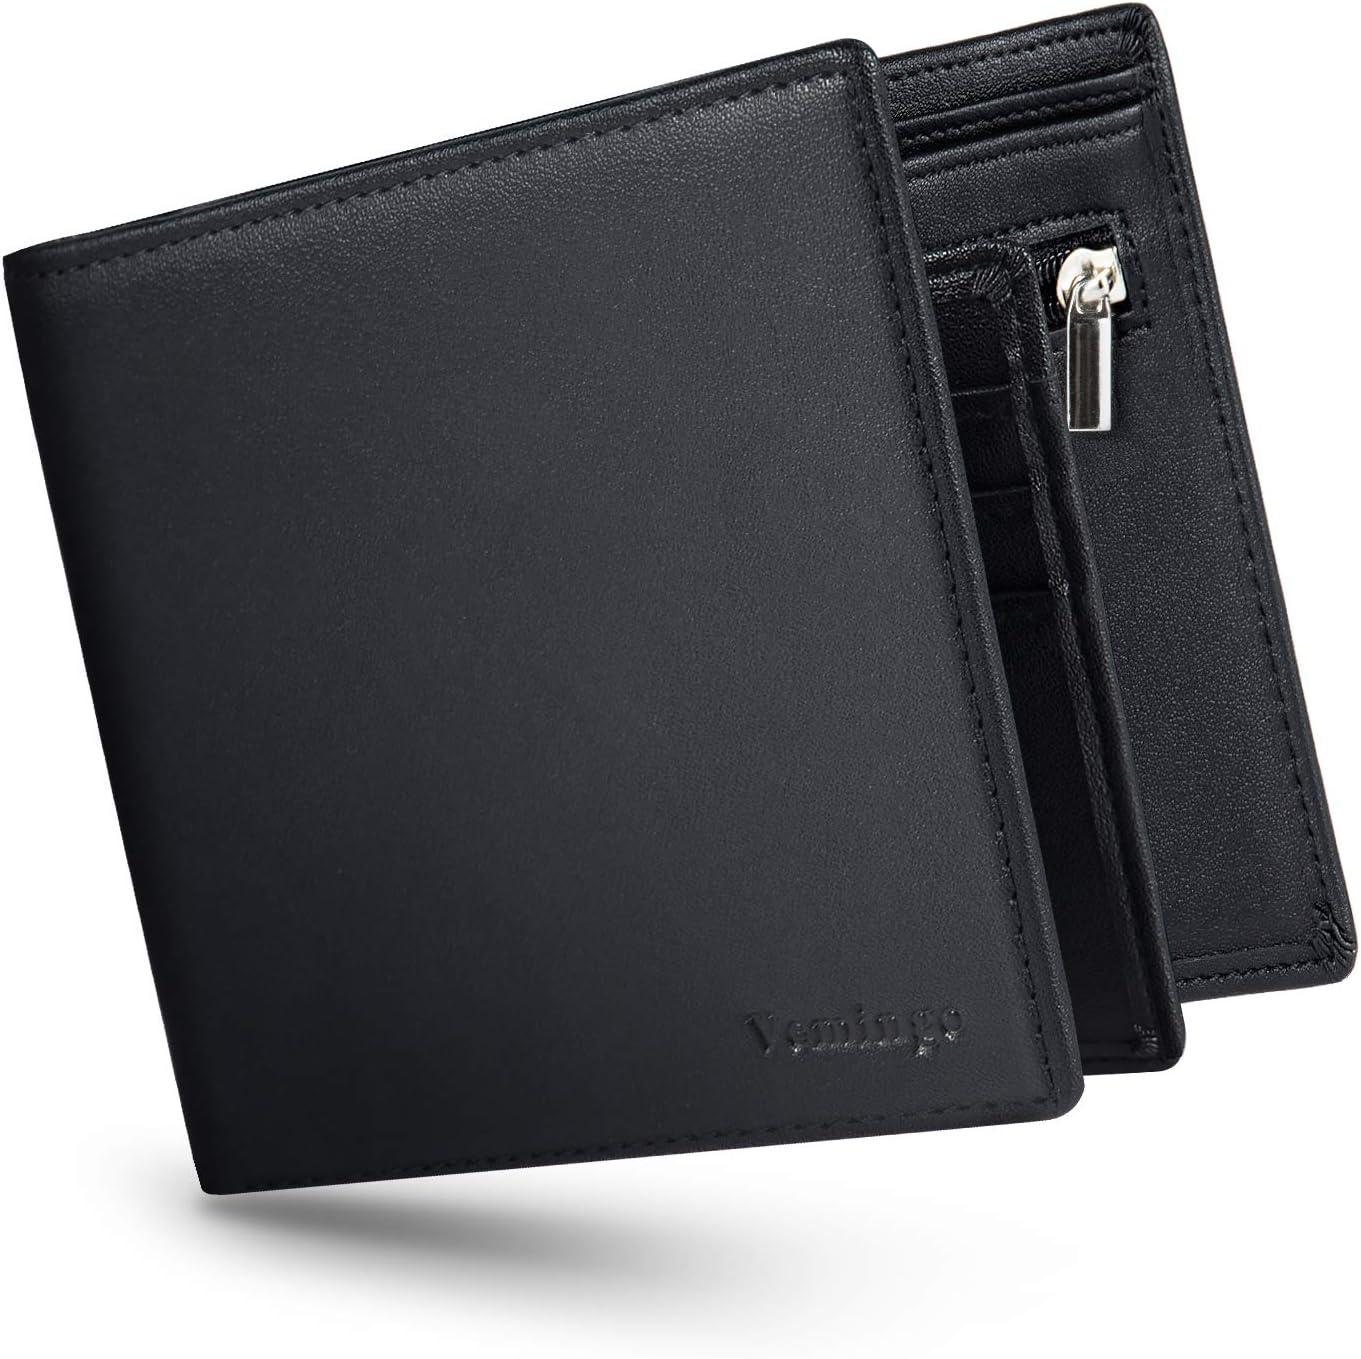 Vemingo Cartera para Hombre con Clip,Monedero con RFID Bloqueo para Tarjetas de Crédito Portamonedas Ligeros para Hombre/Adolescente (Xb-045 Negro)